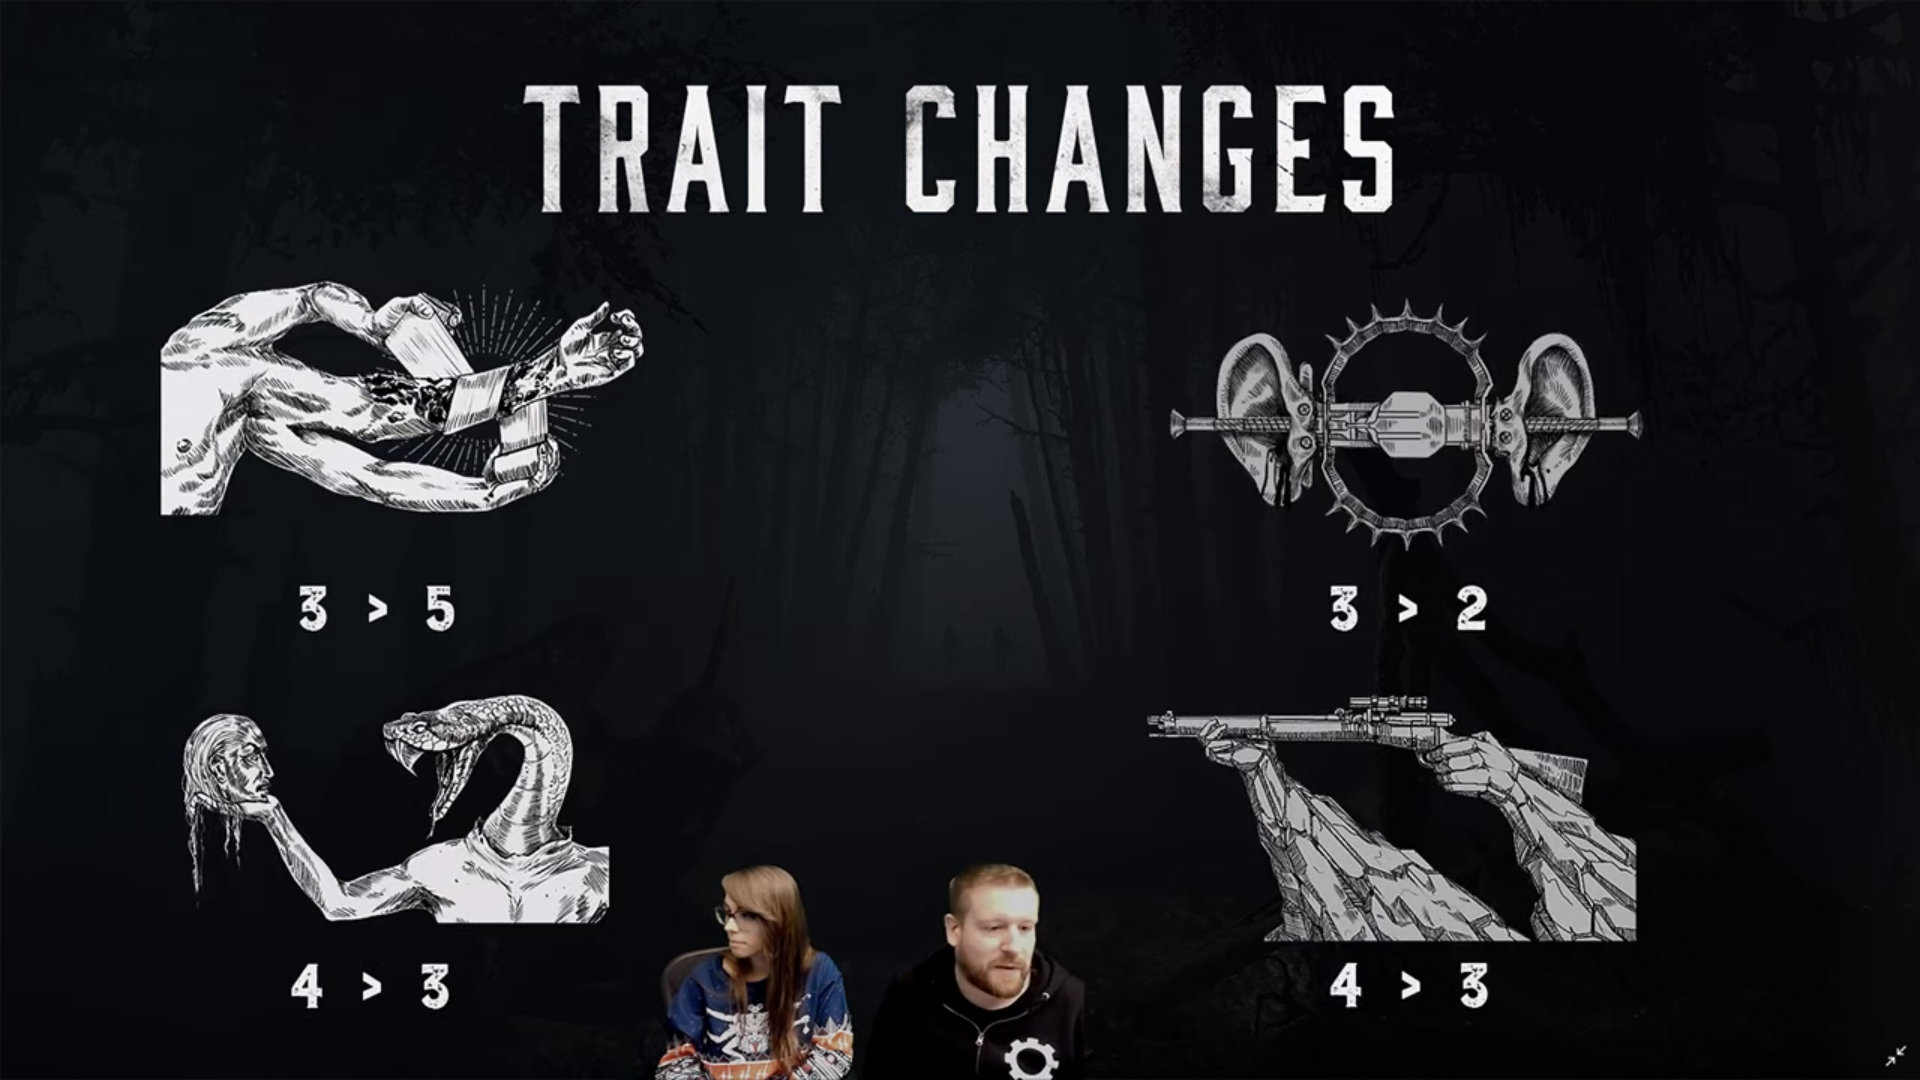 traitchanges2.jpg